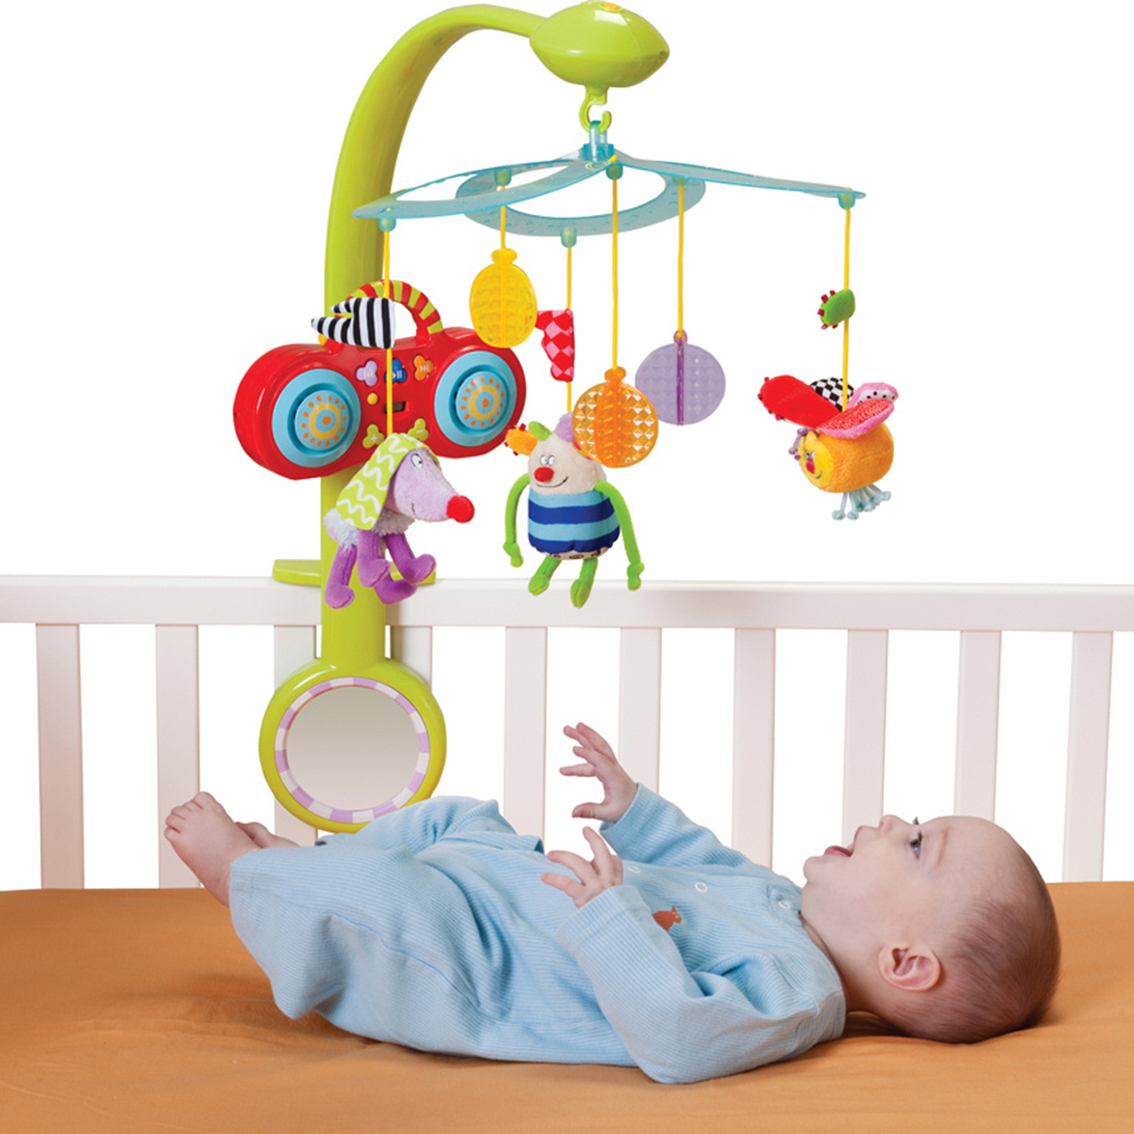 Đồ chơi treo nôi cho trẻ sơ sinh